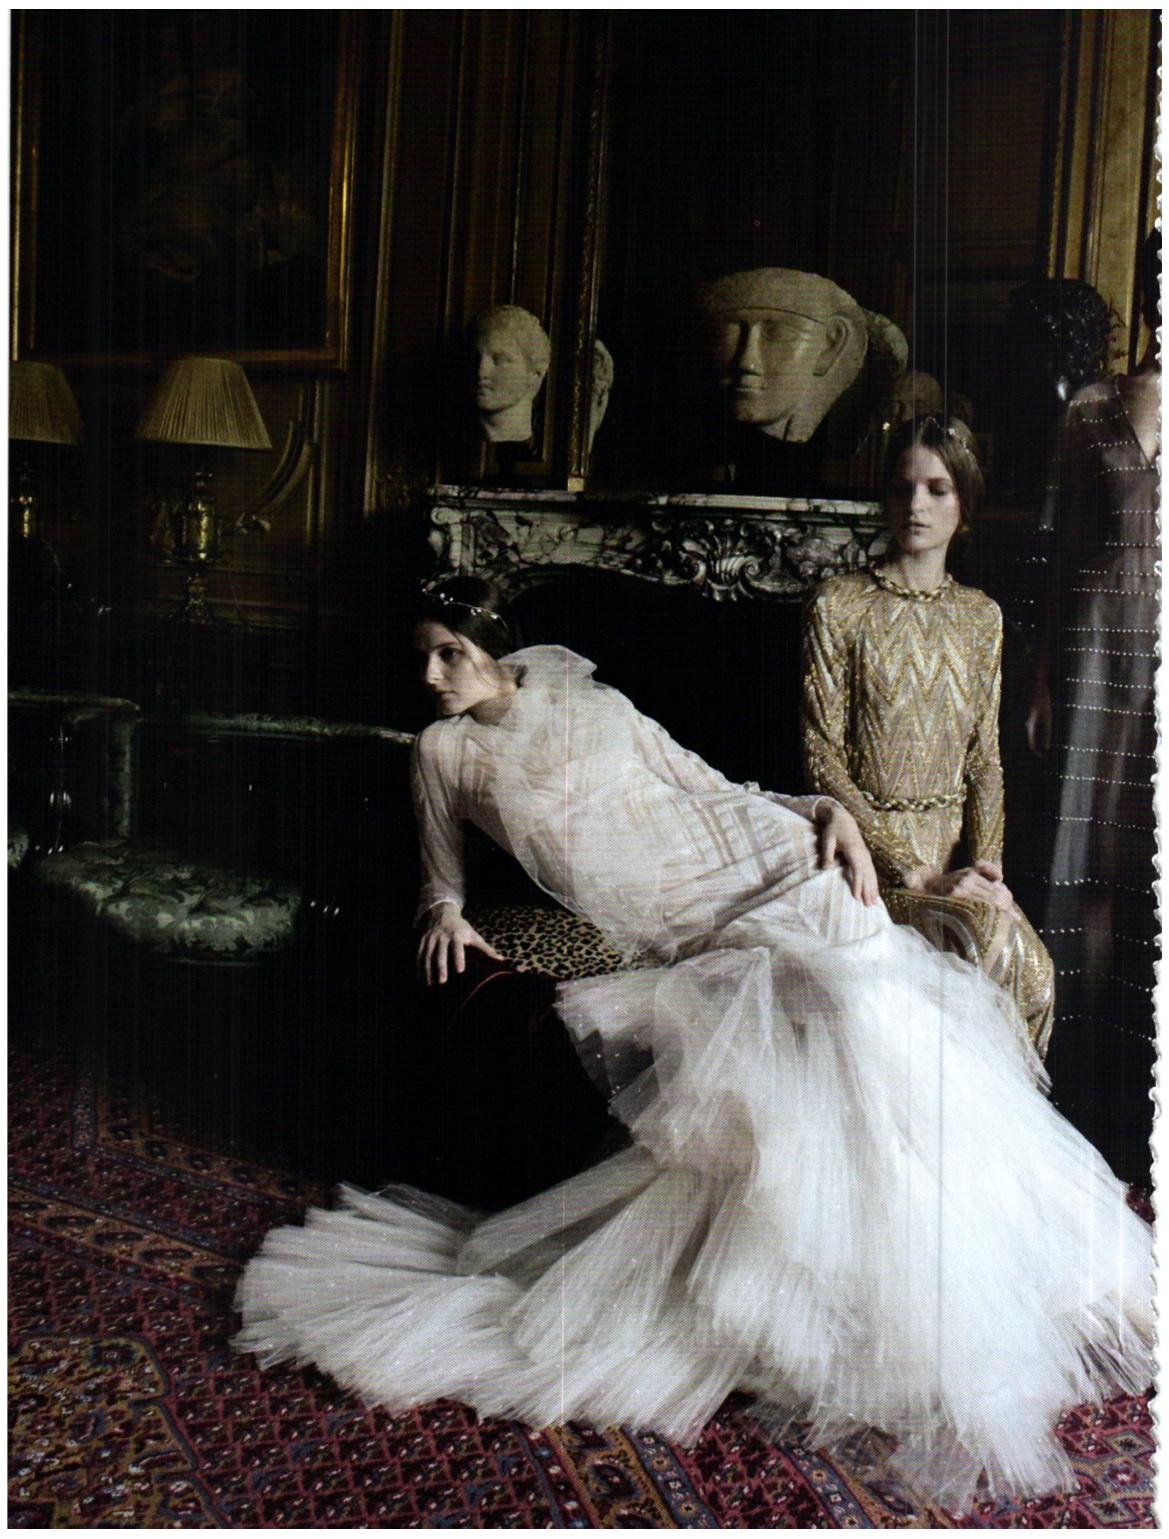 Ma cherie dior couture in editorials valentino haute for Haute couture photoshoot